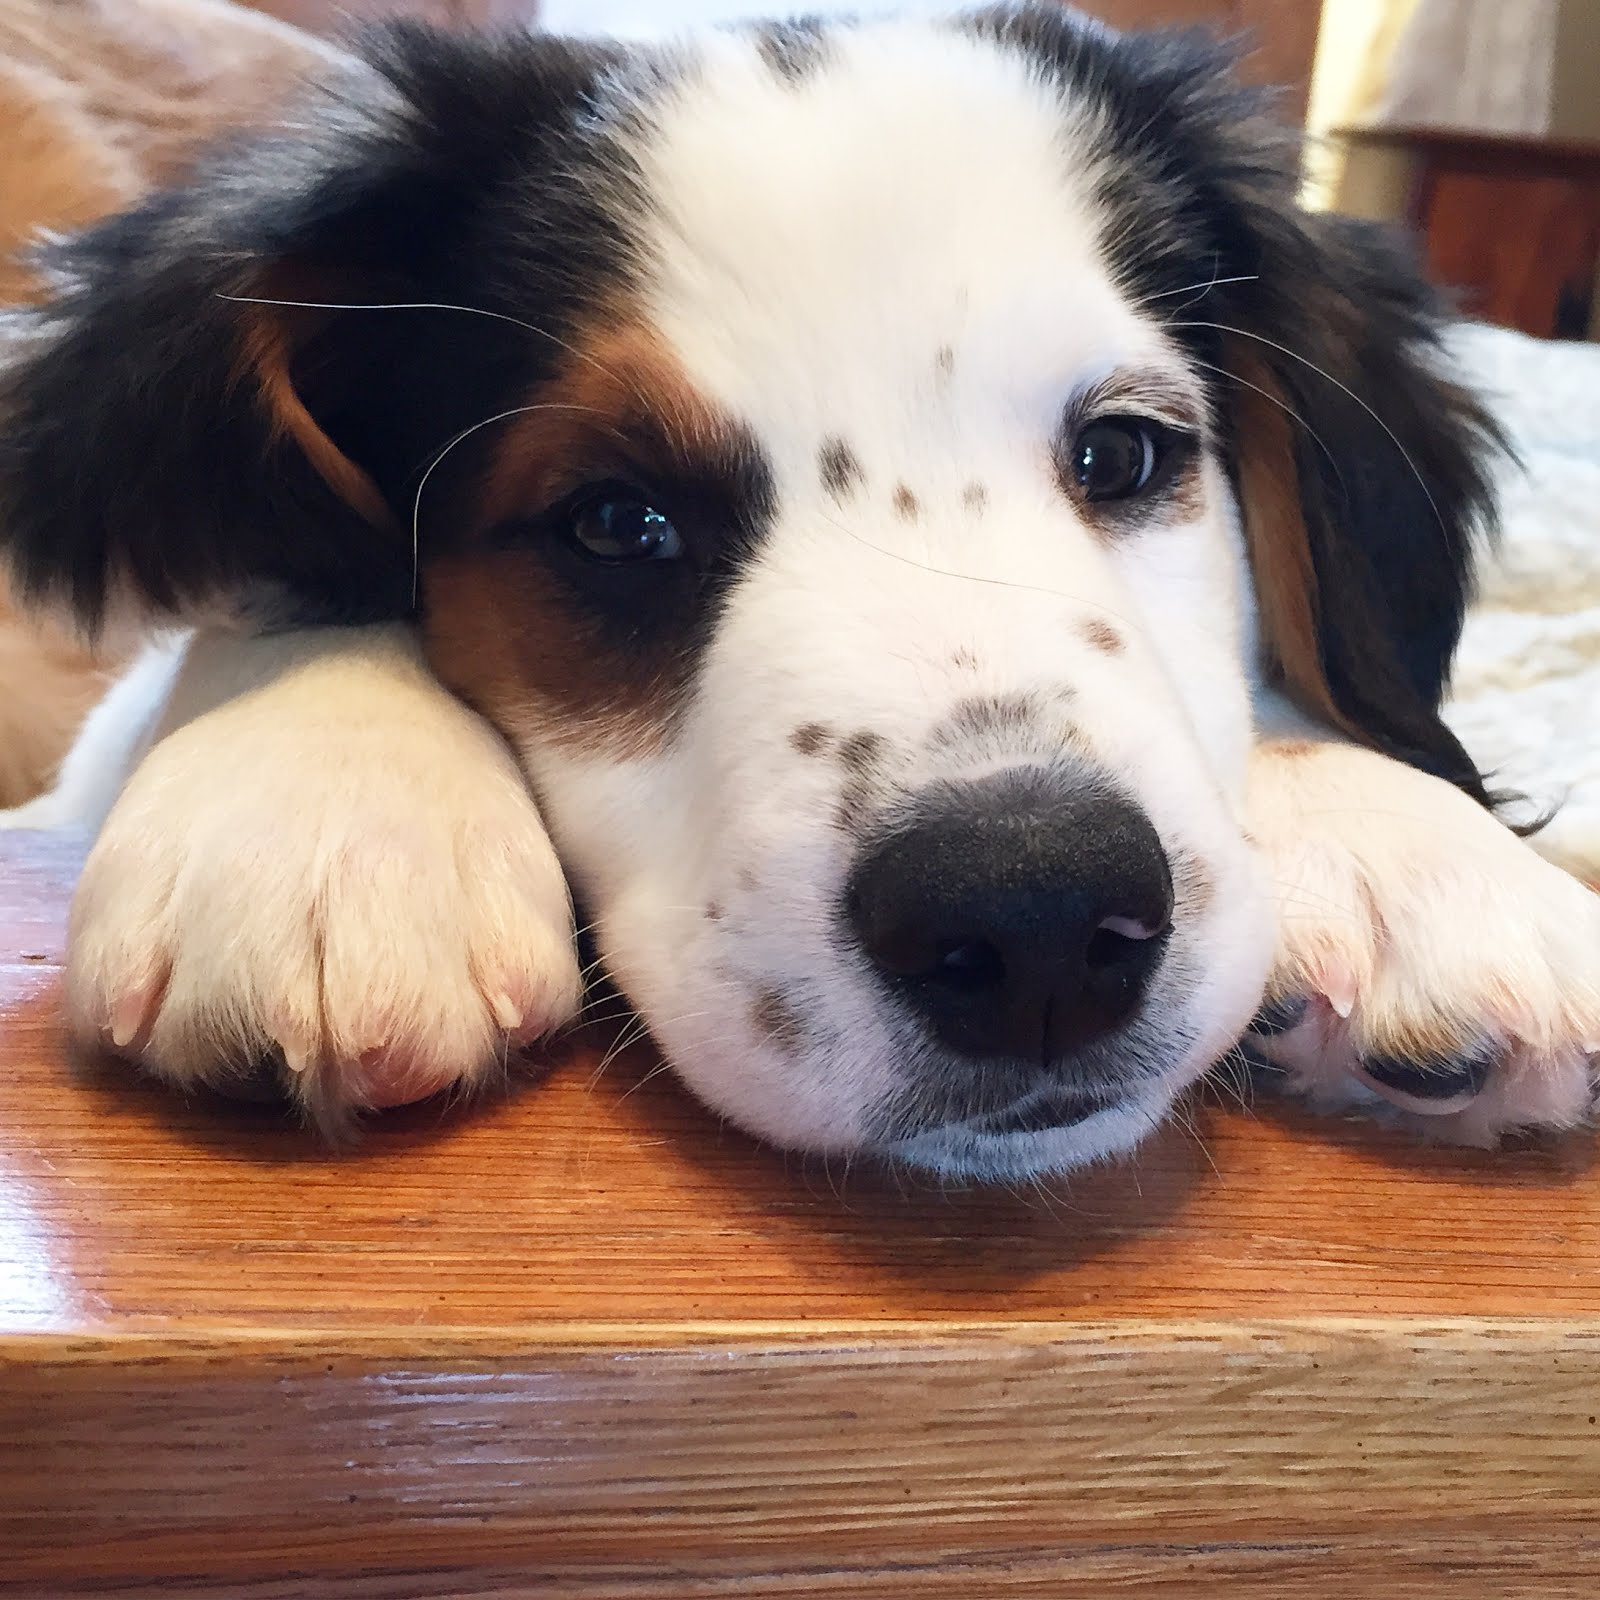 Steve the Wonder Dog